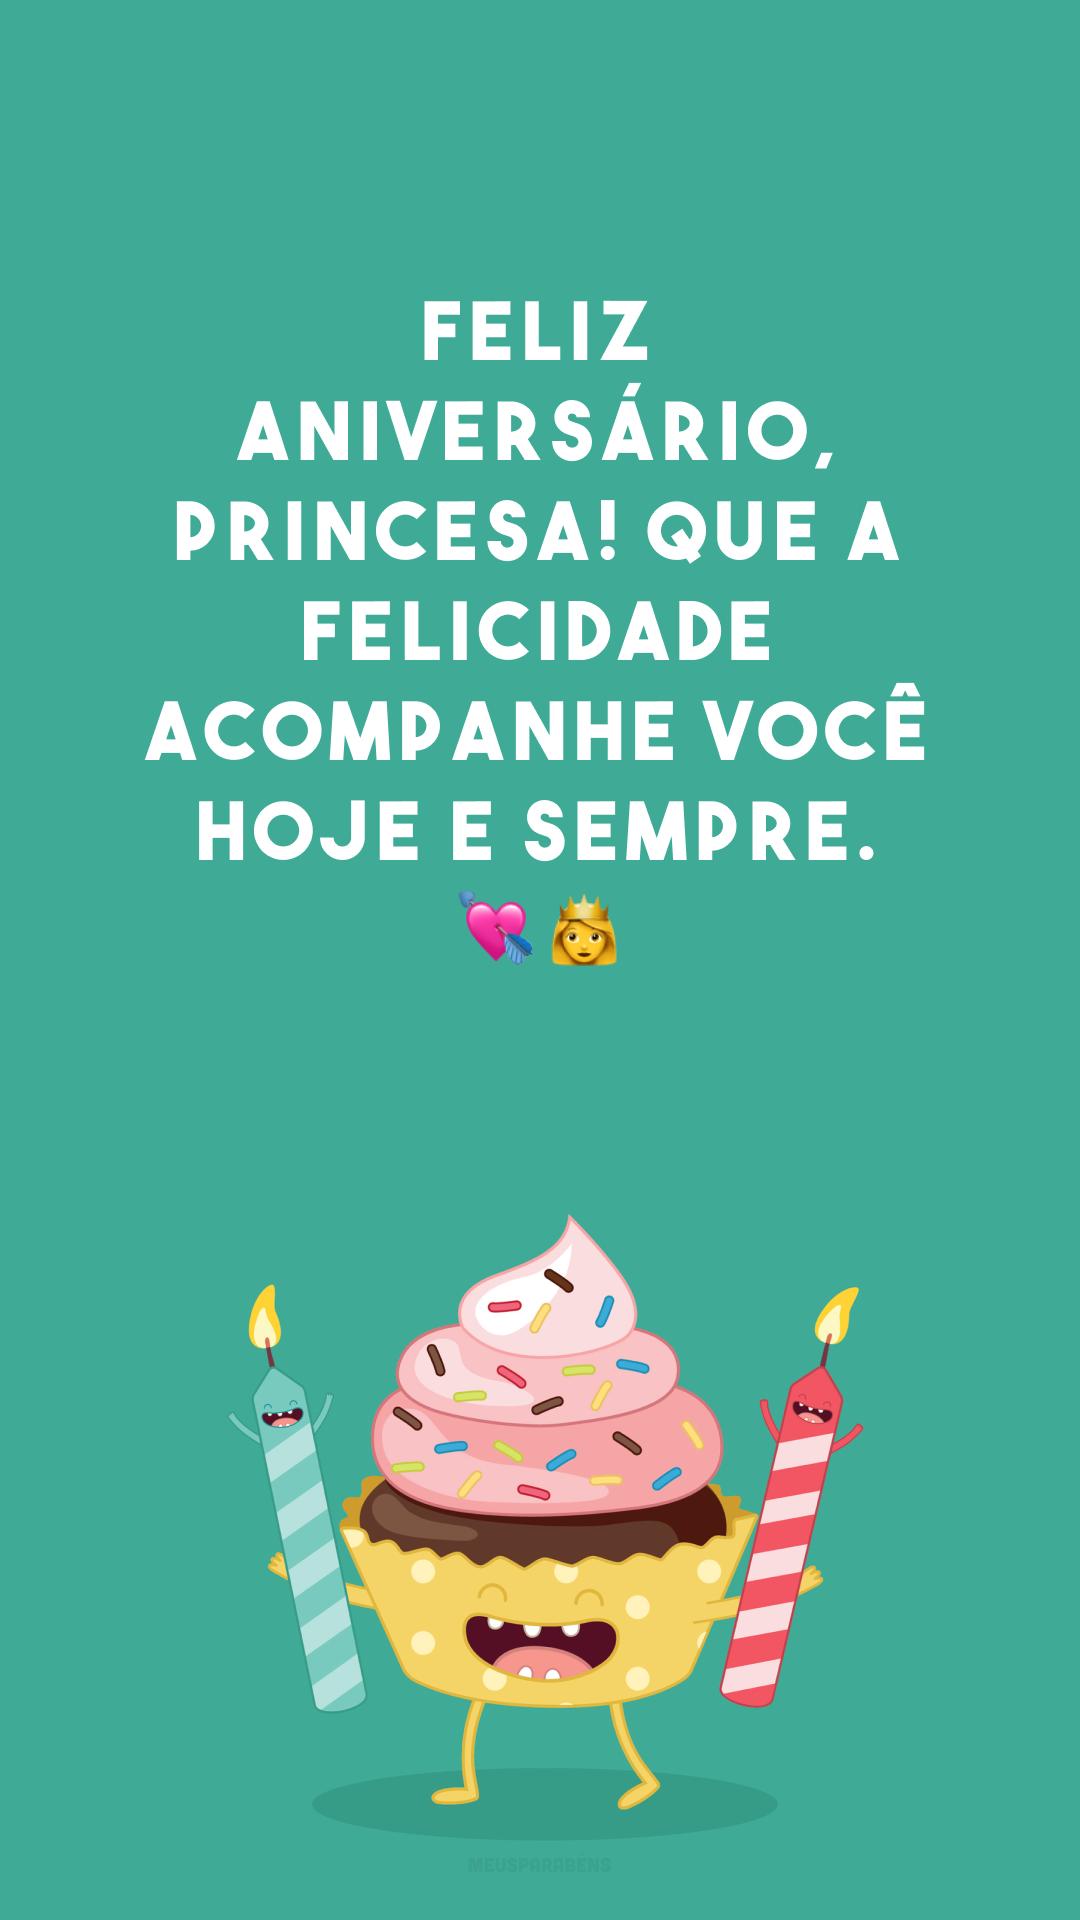 Feliz aniversário, princesa! Que a felicidade acompanhe você hoje e sempre.  ??